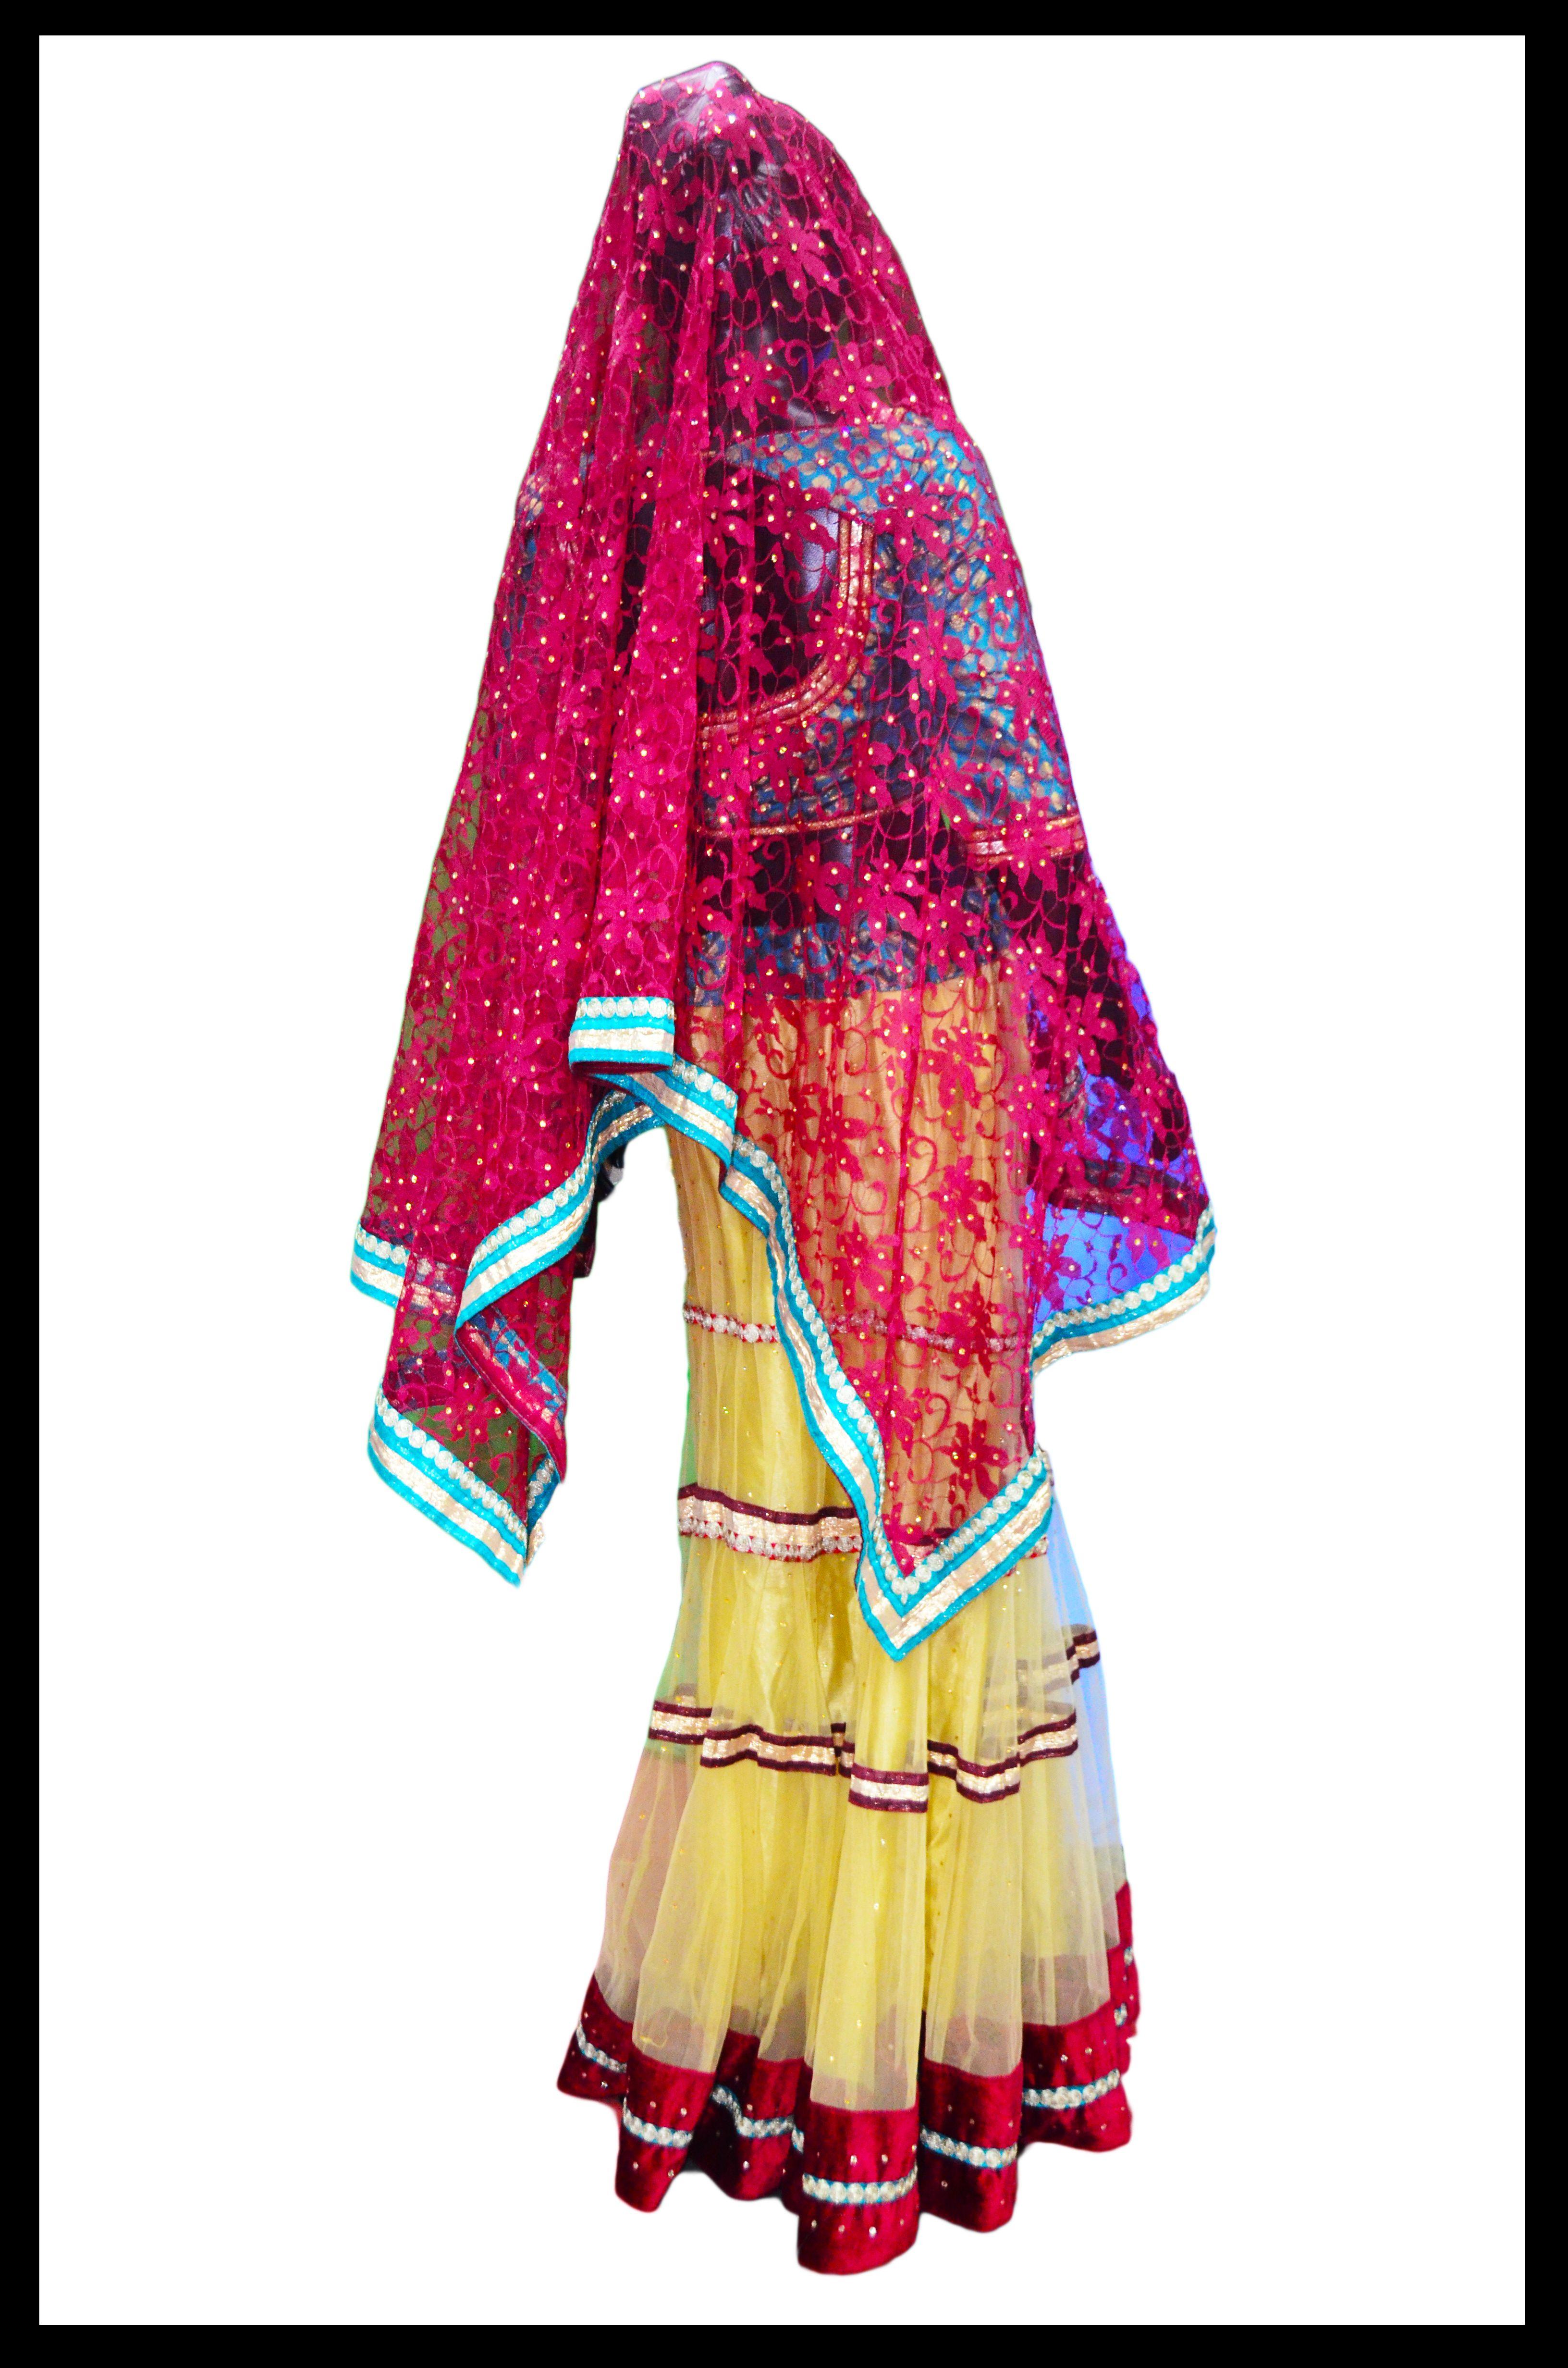 Lehnga Dress Lehnga Design Bridal Lehnga Design Lehnga Design By Manish Malhotra Lehnga Design By Neeta Fashion Designing Institute Fashion Design Fashion